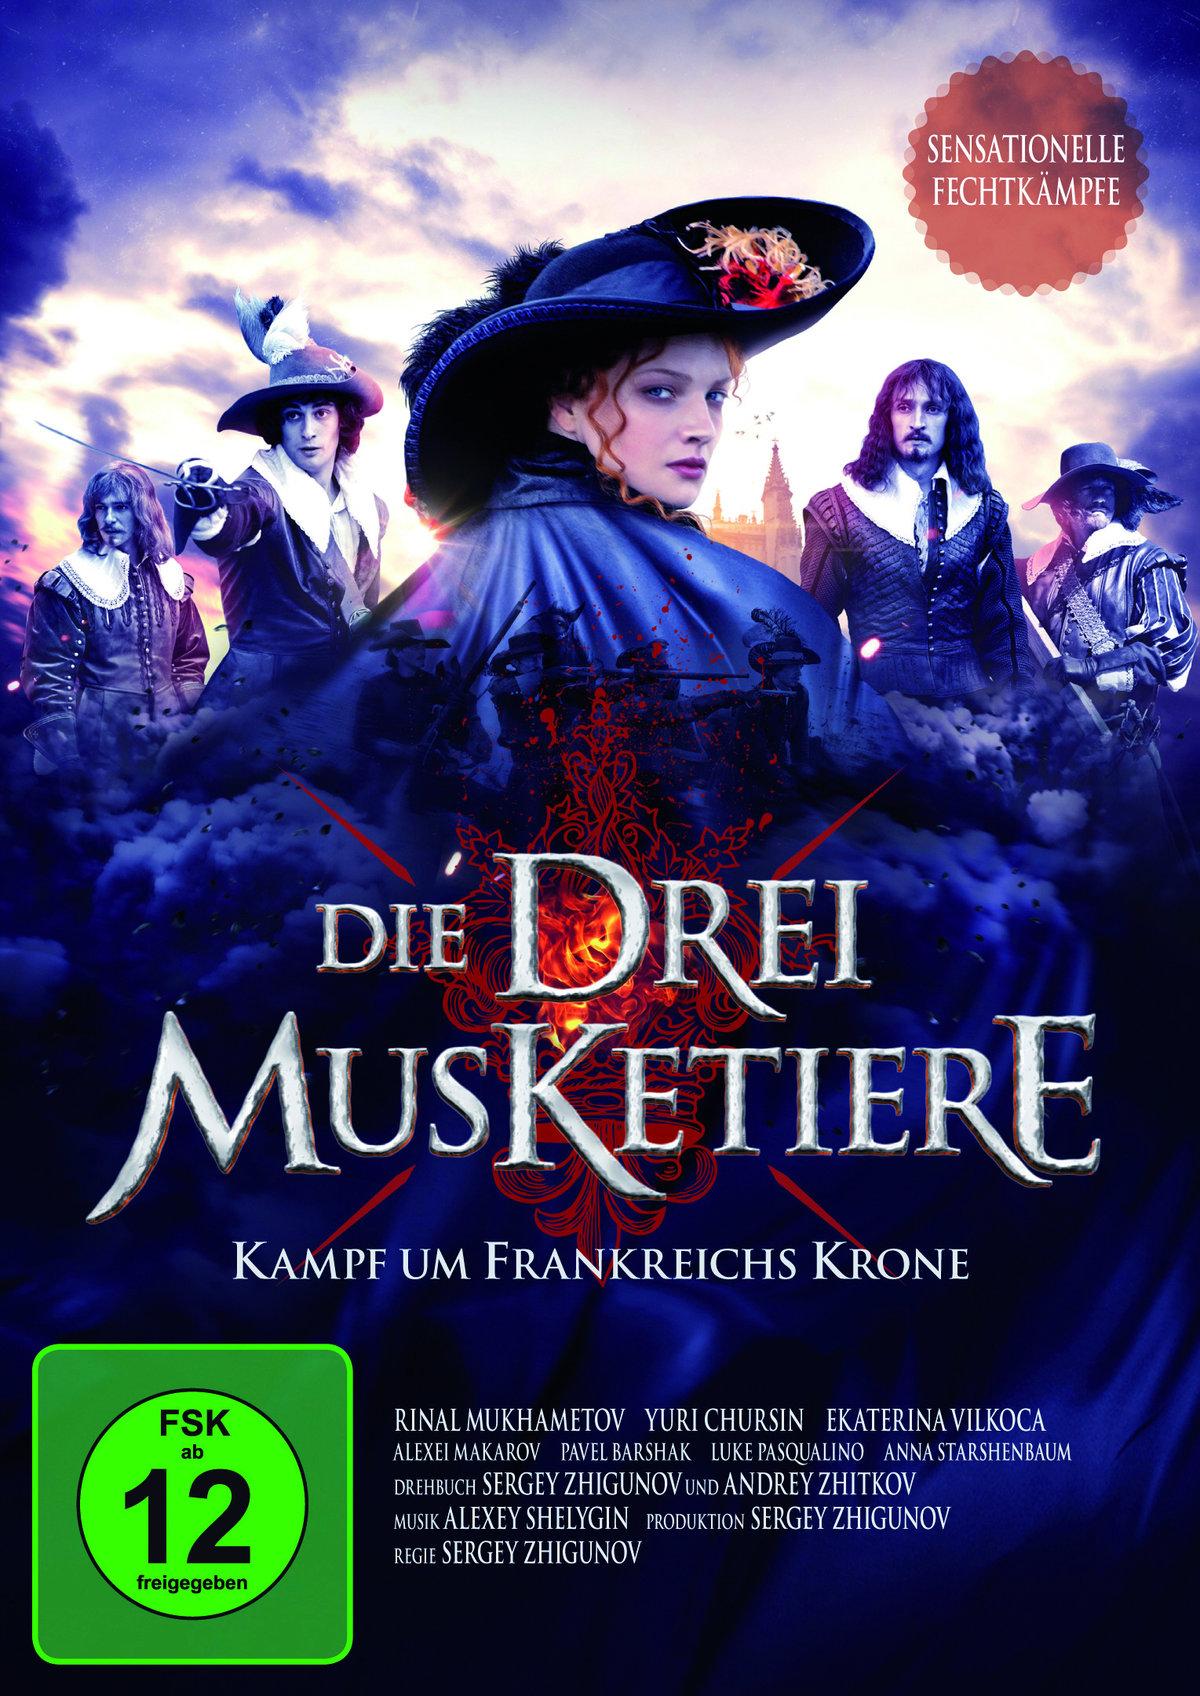 Bild Die drei Musketiere - Kampf um Frankreichs Krone (2013) - Der Film